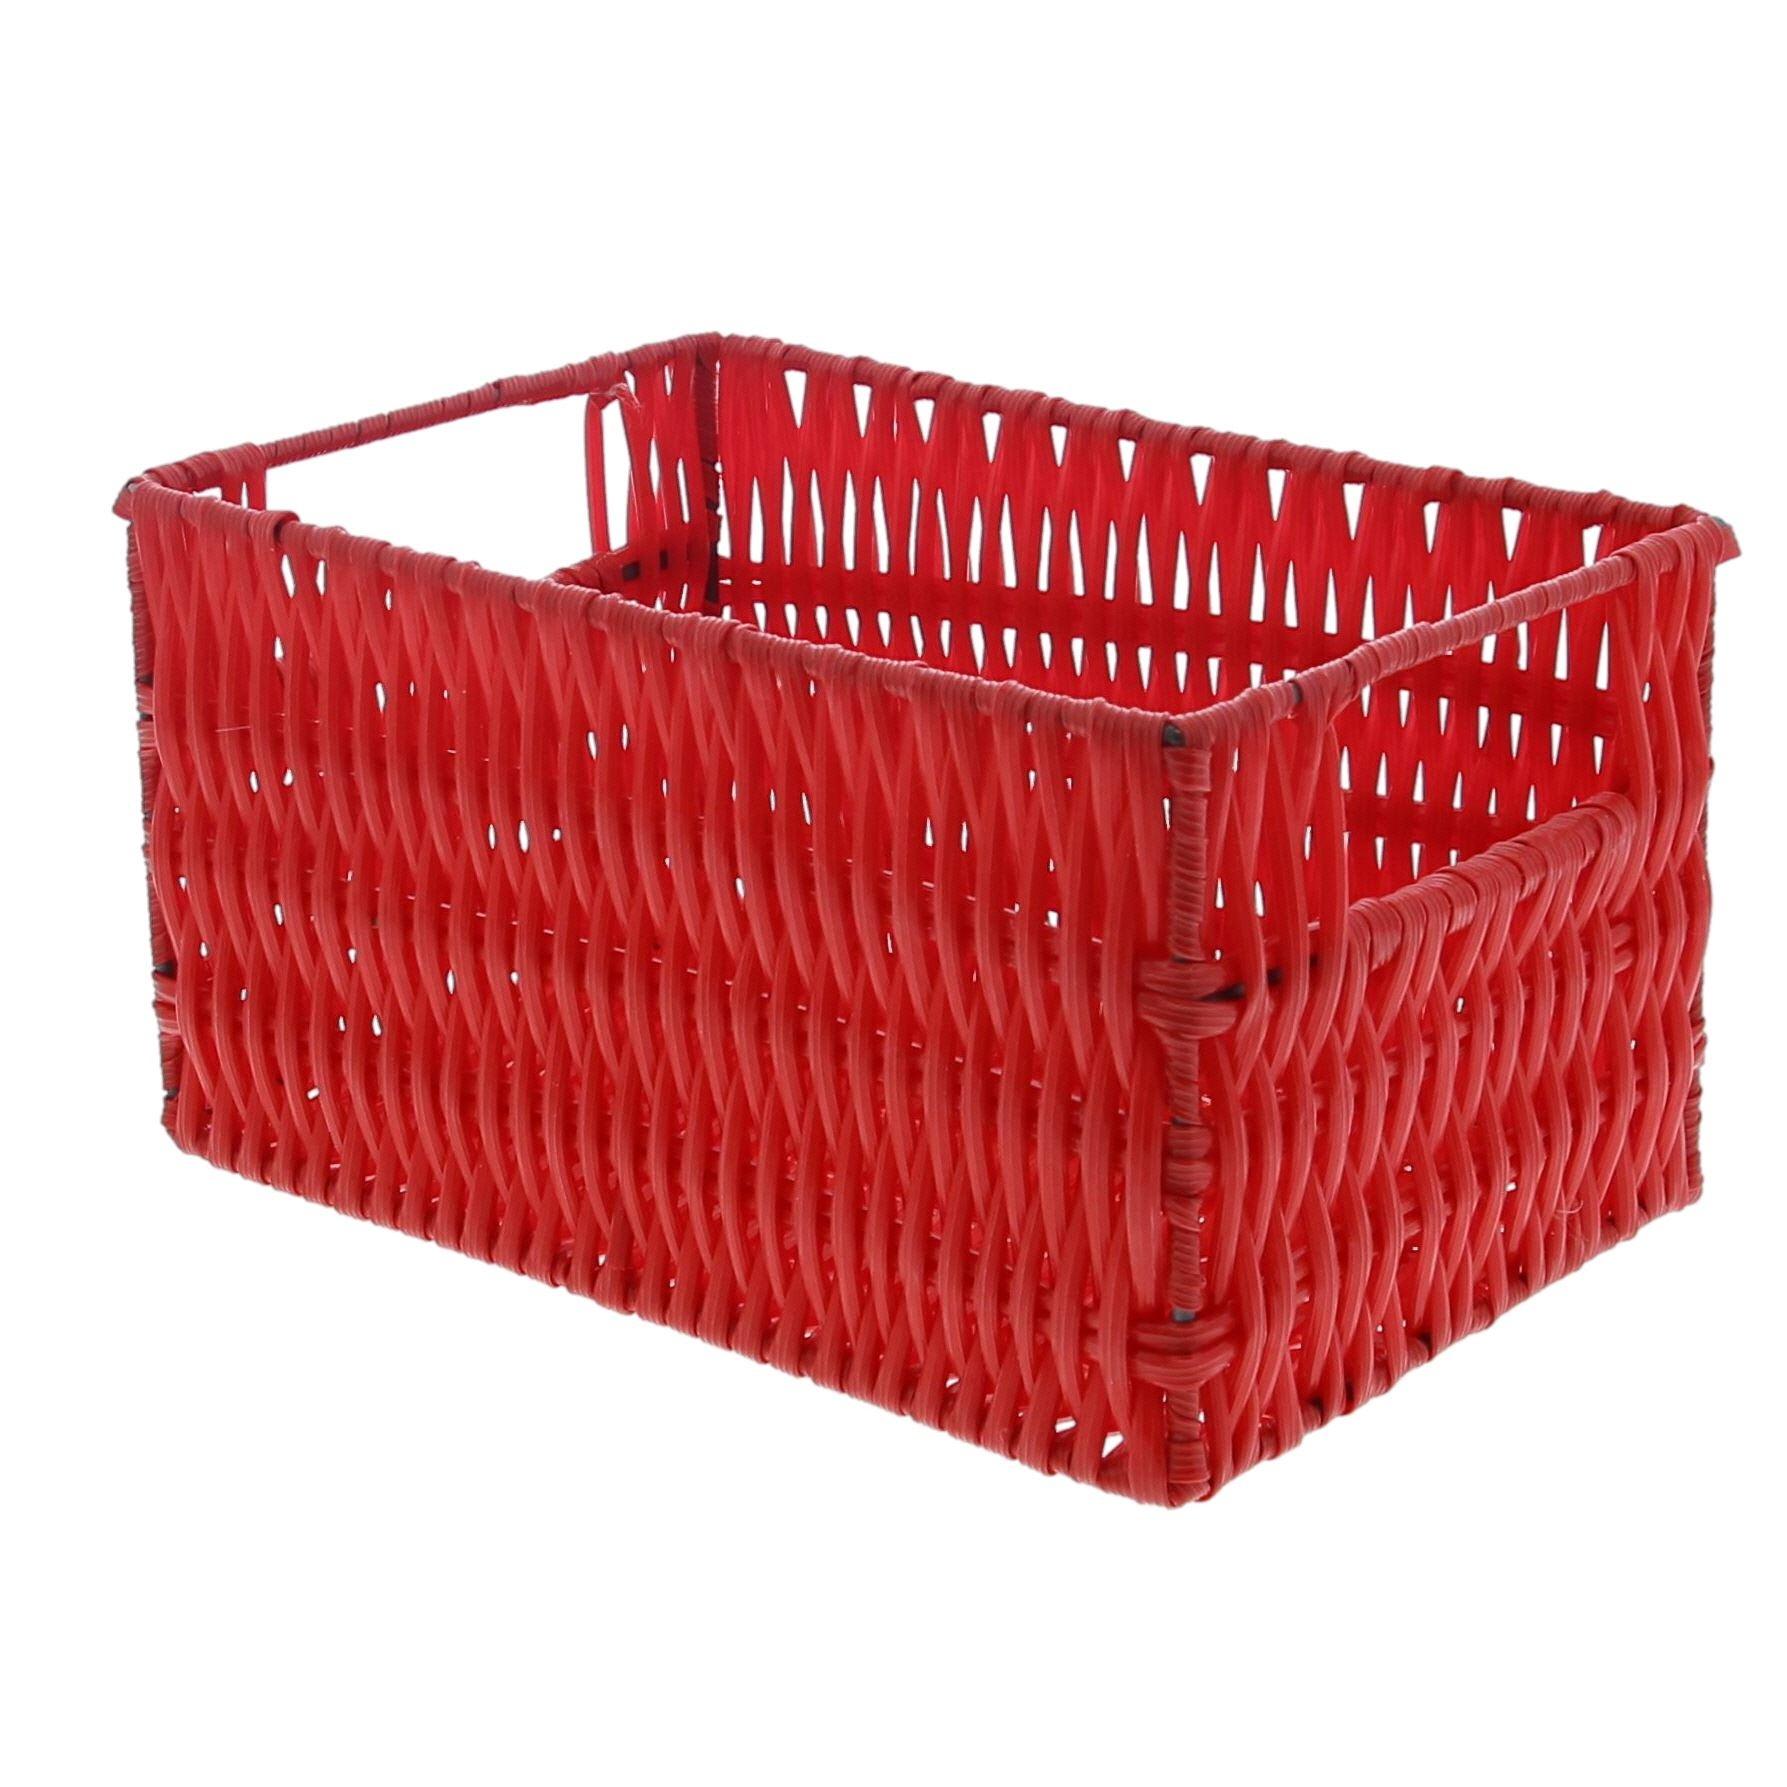 Kunststoffkorb rechteckig - Rot  - 5 Stück